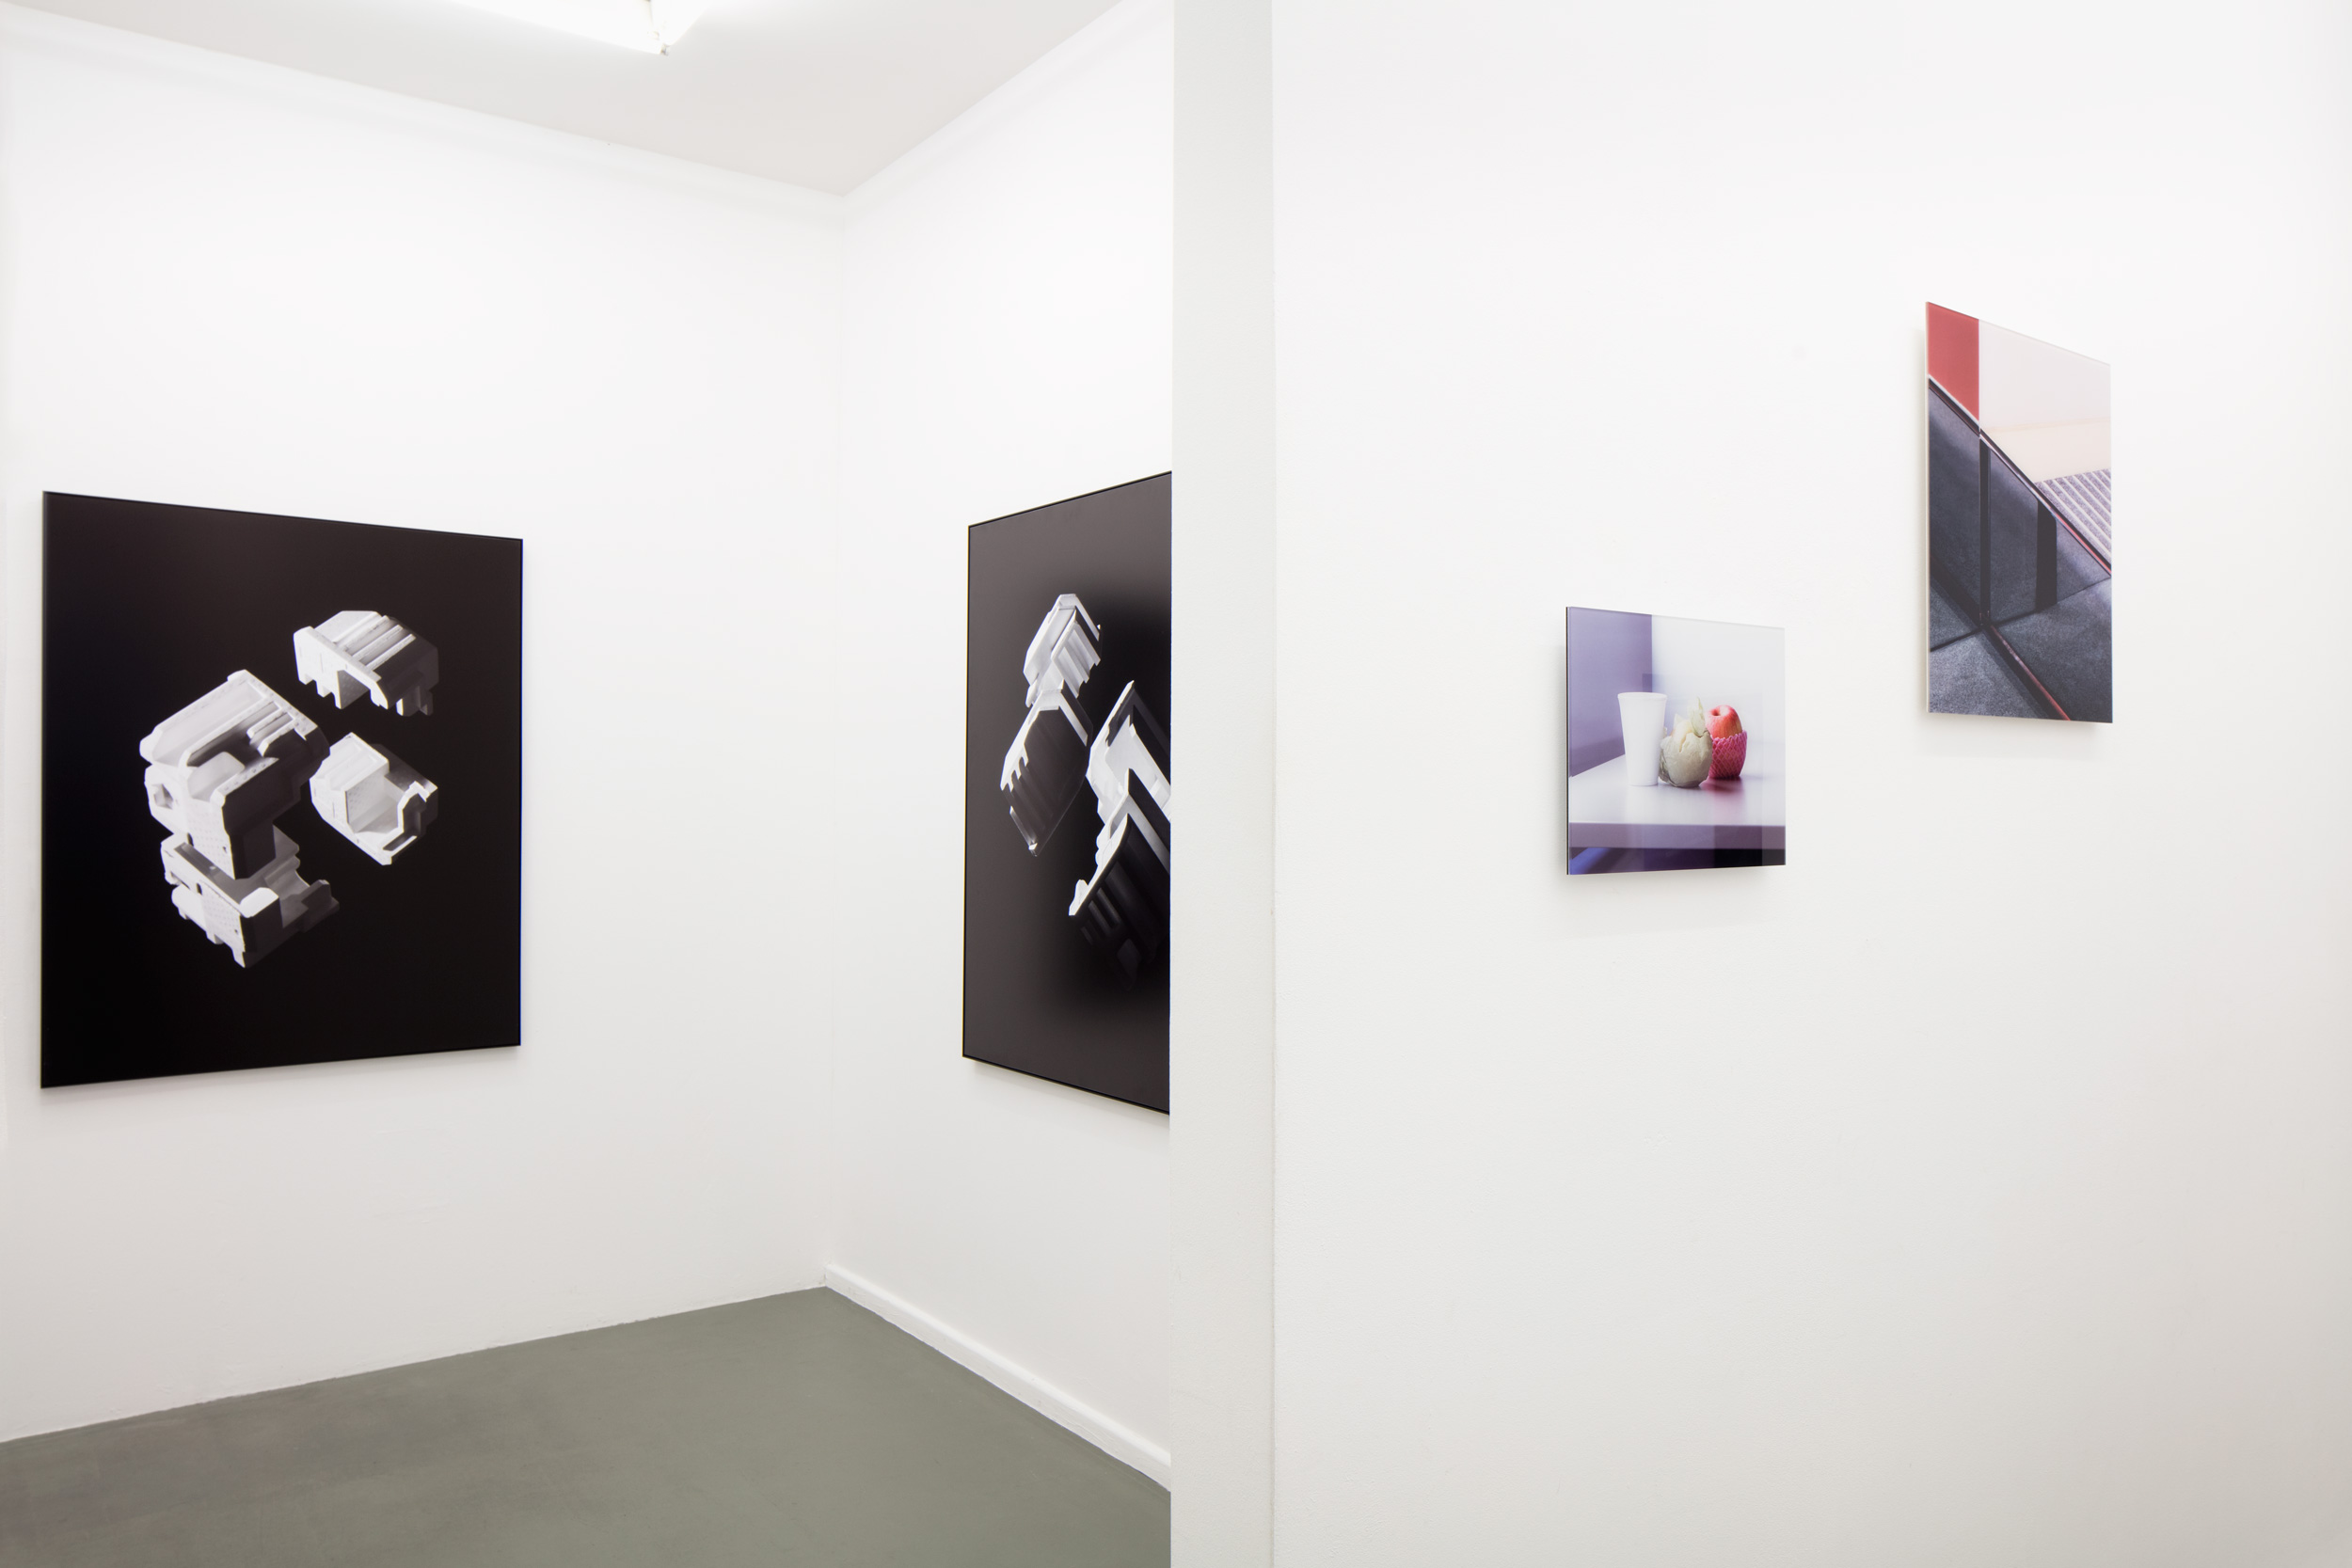 exhibition view EDGES / still under construction, Rasche Ripken, 2018